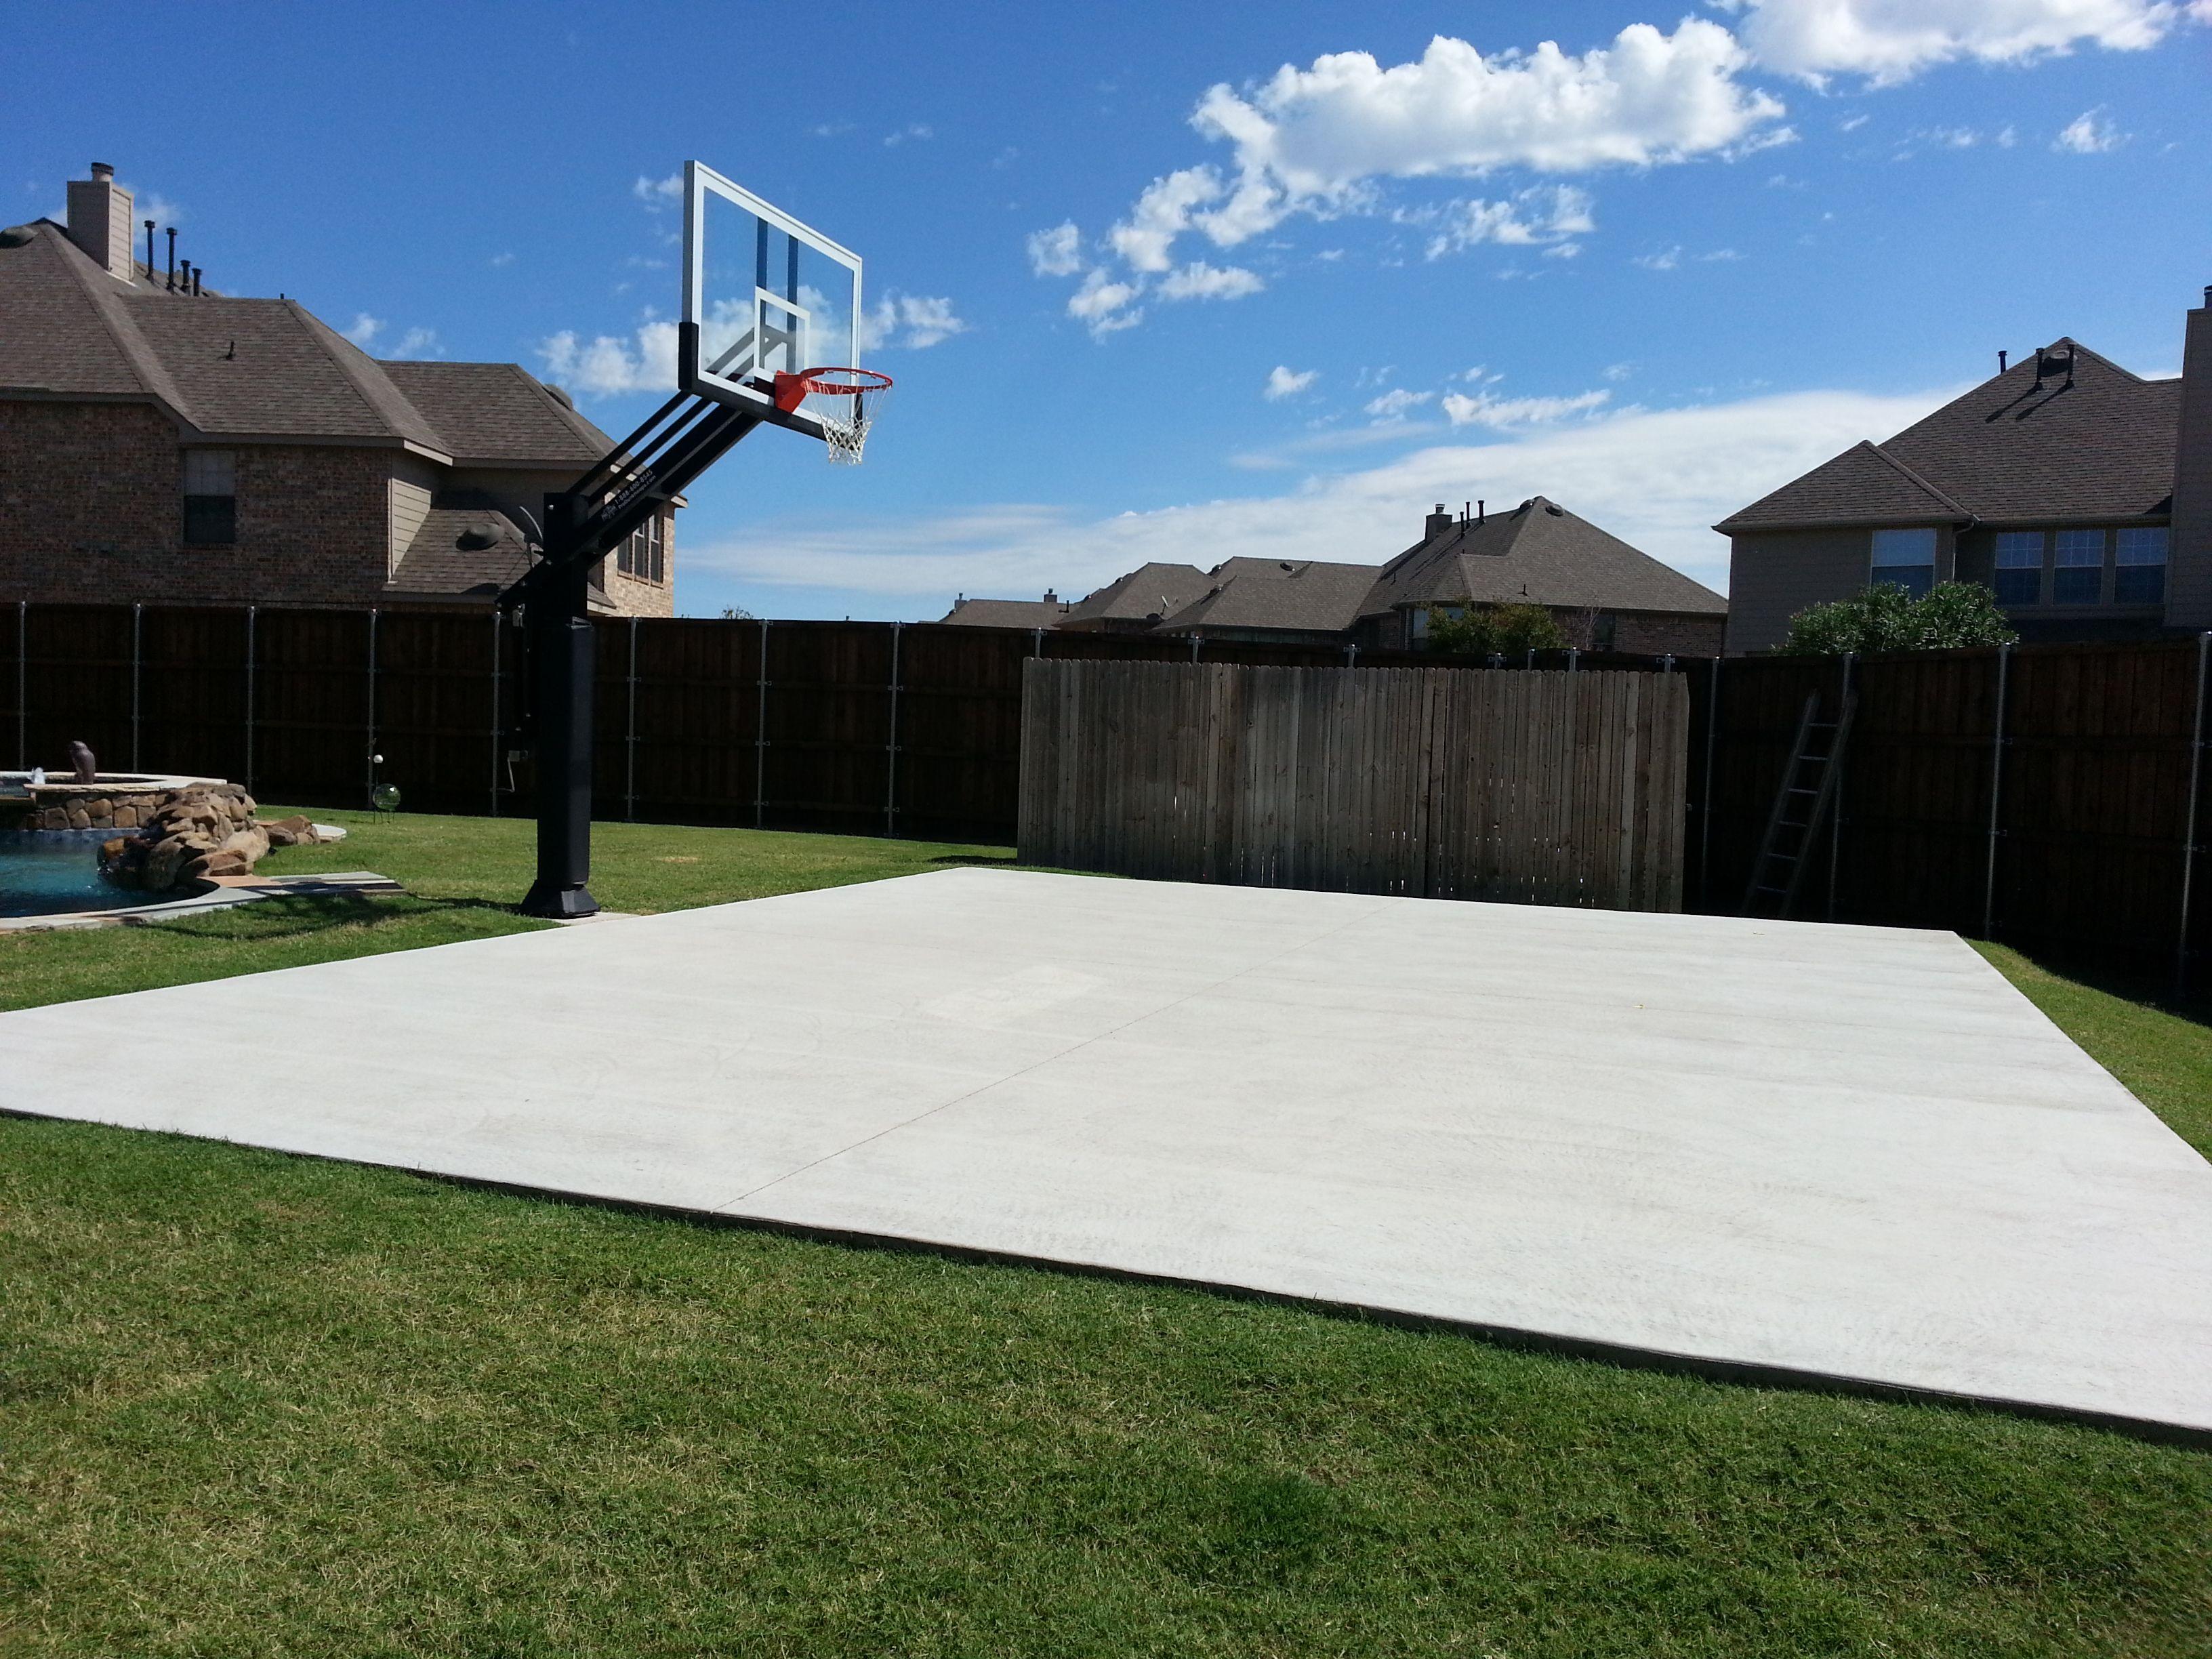 Beautiful Small Backyard Basketball Court Ideas Basketball Court Backyard Backyard Basketball Backyard Court